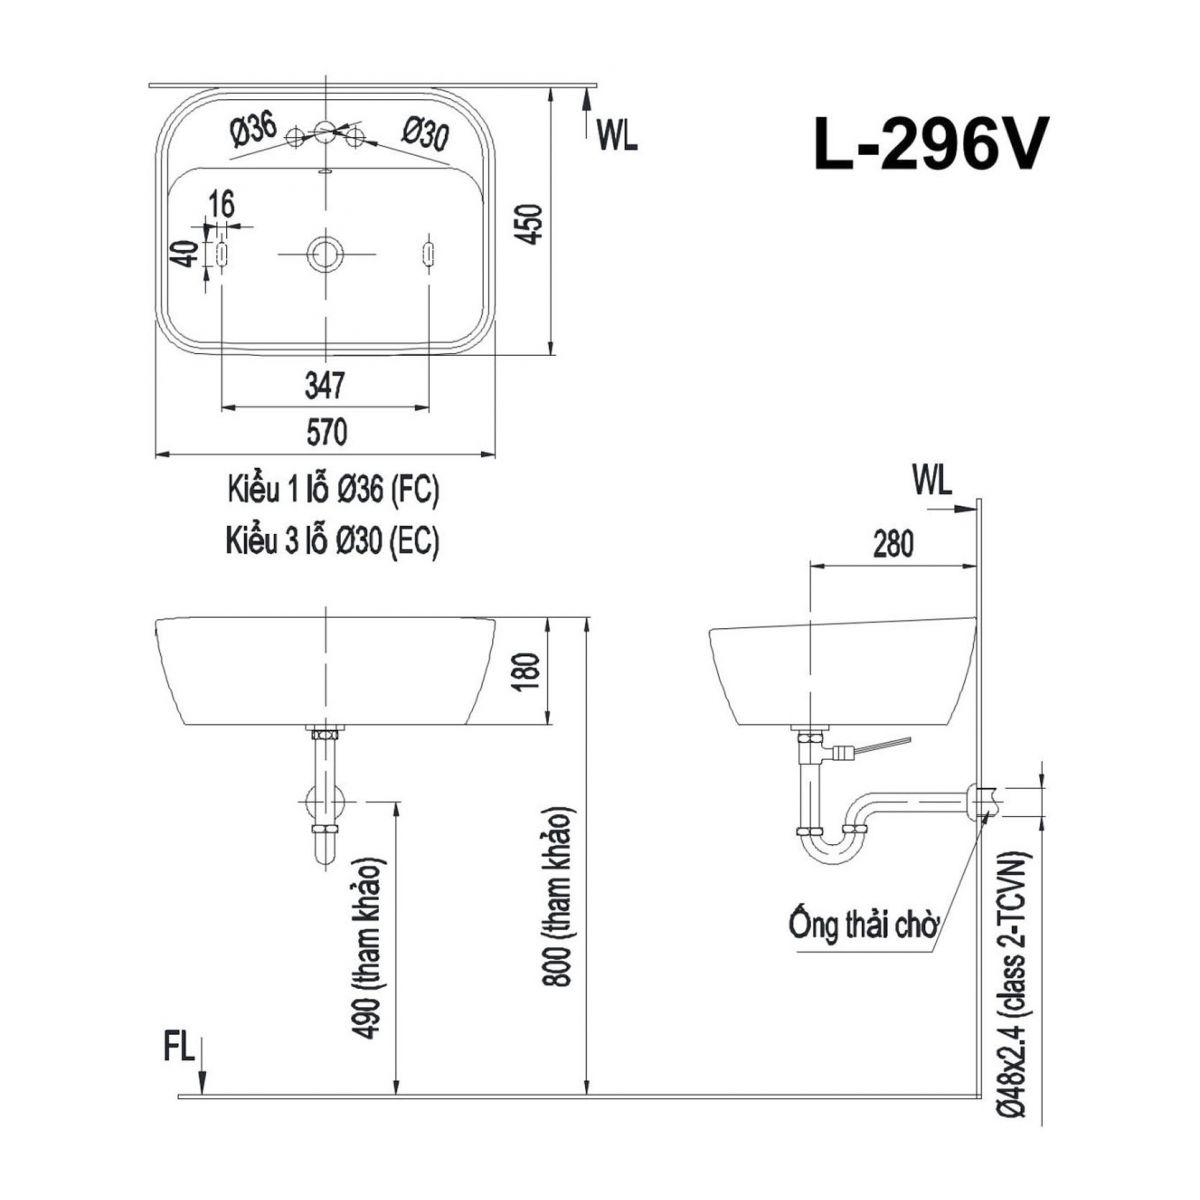 Lavabo INAXGL-296V ứng dụng công nghệ Proguard